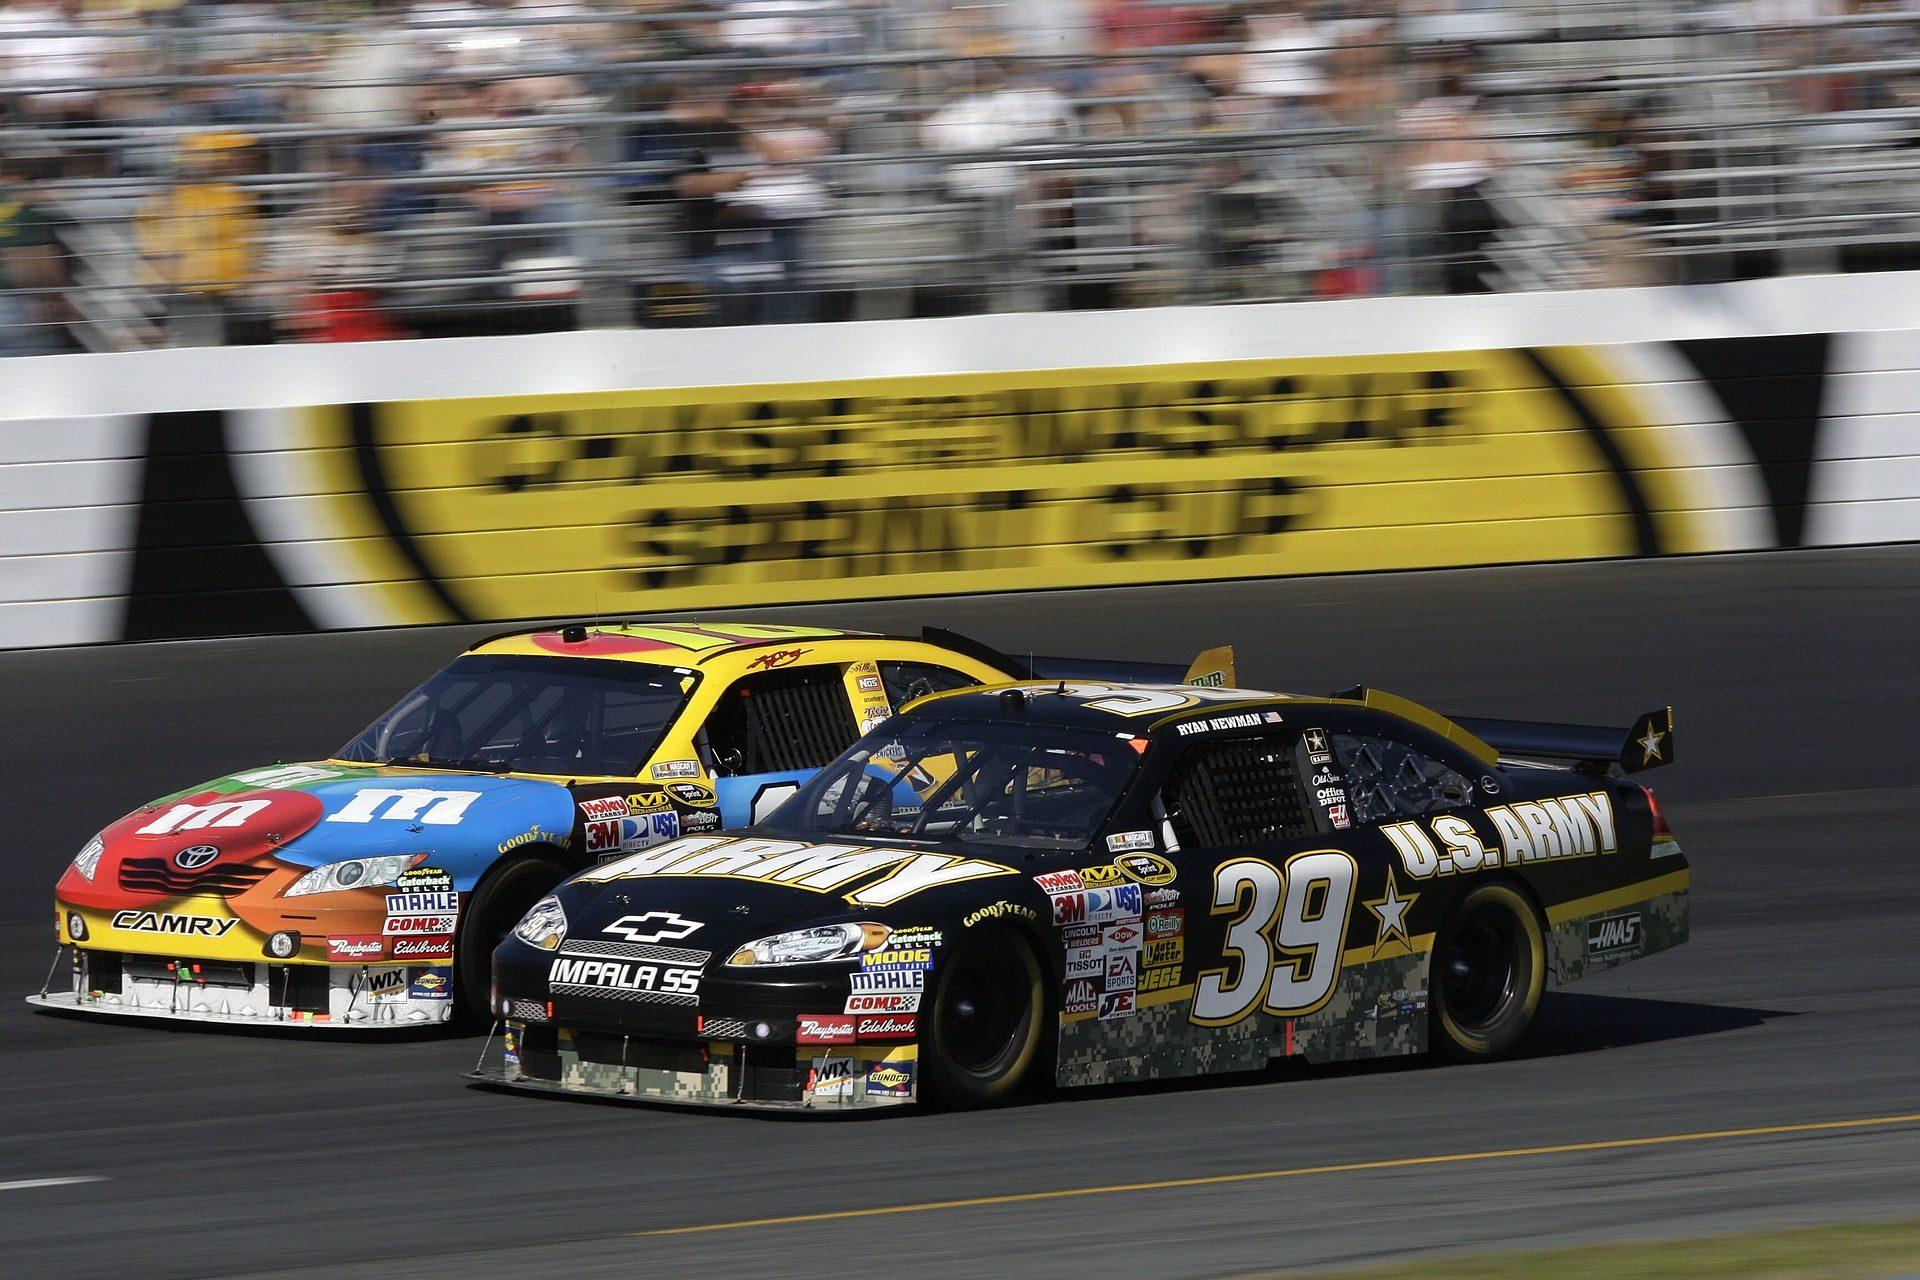 キャリア, 車, NASCAR, 速度, circuito - HD の壁紙 - 教授-falken.com